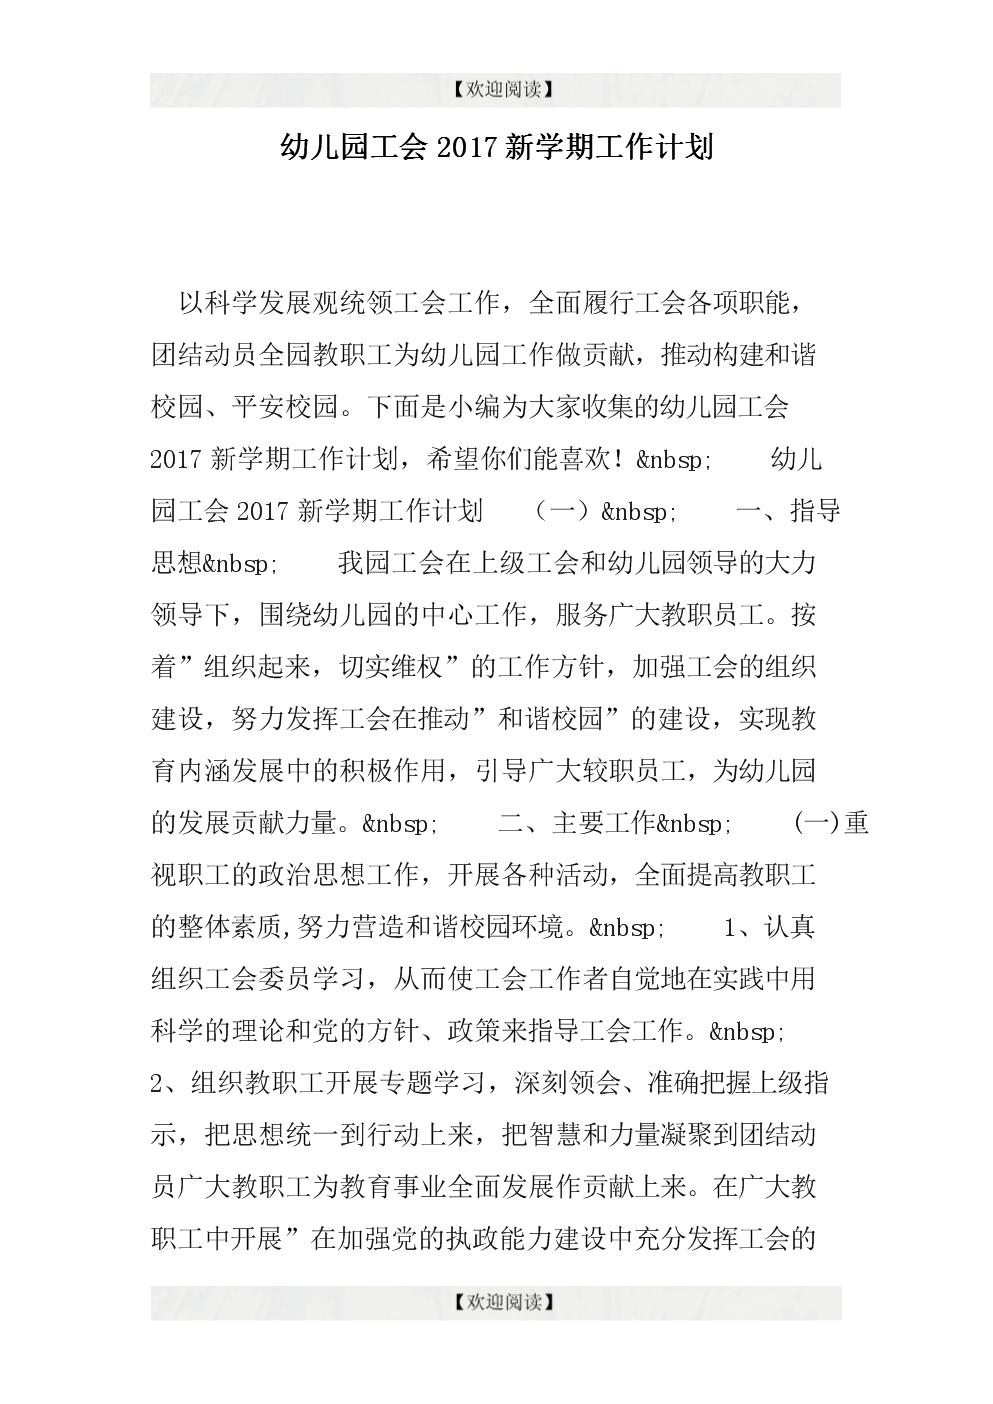 幼儿园工会2017新学期工作计划.doc